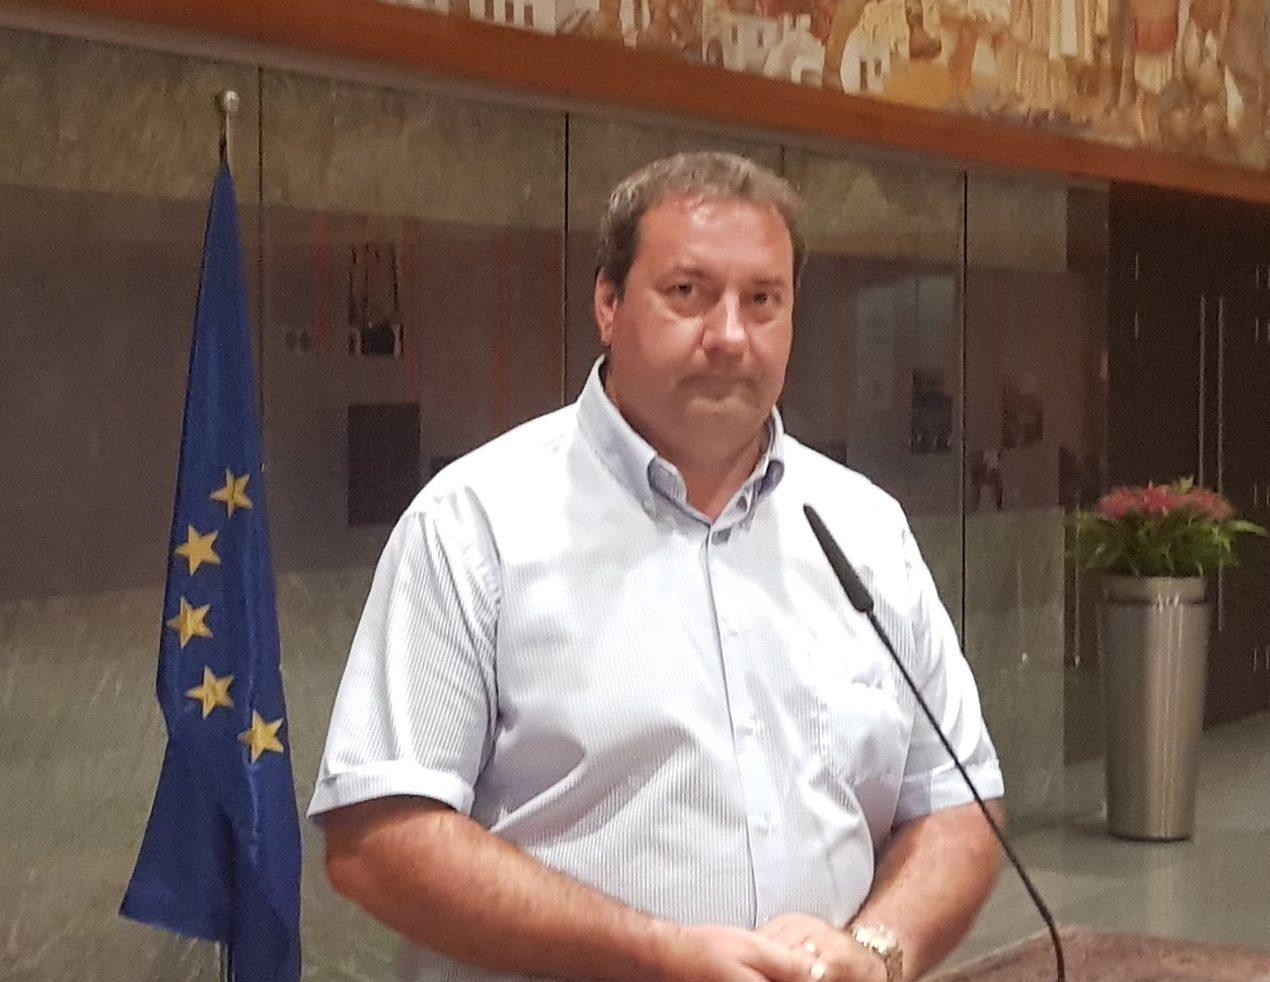 Bandelli bo do prihodnjega tedna še minister